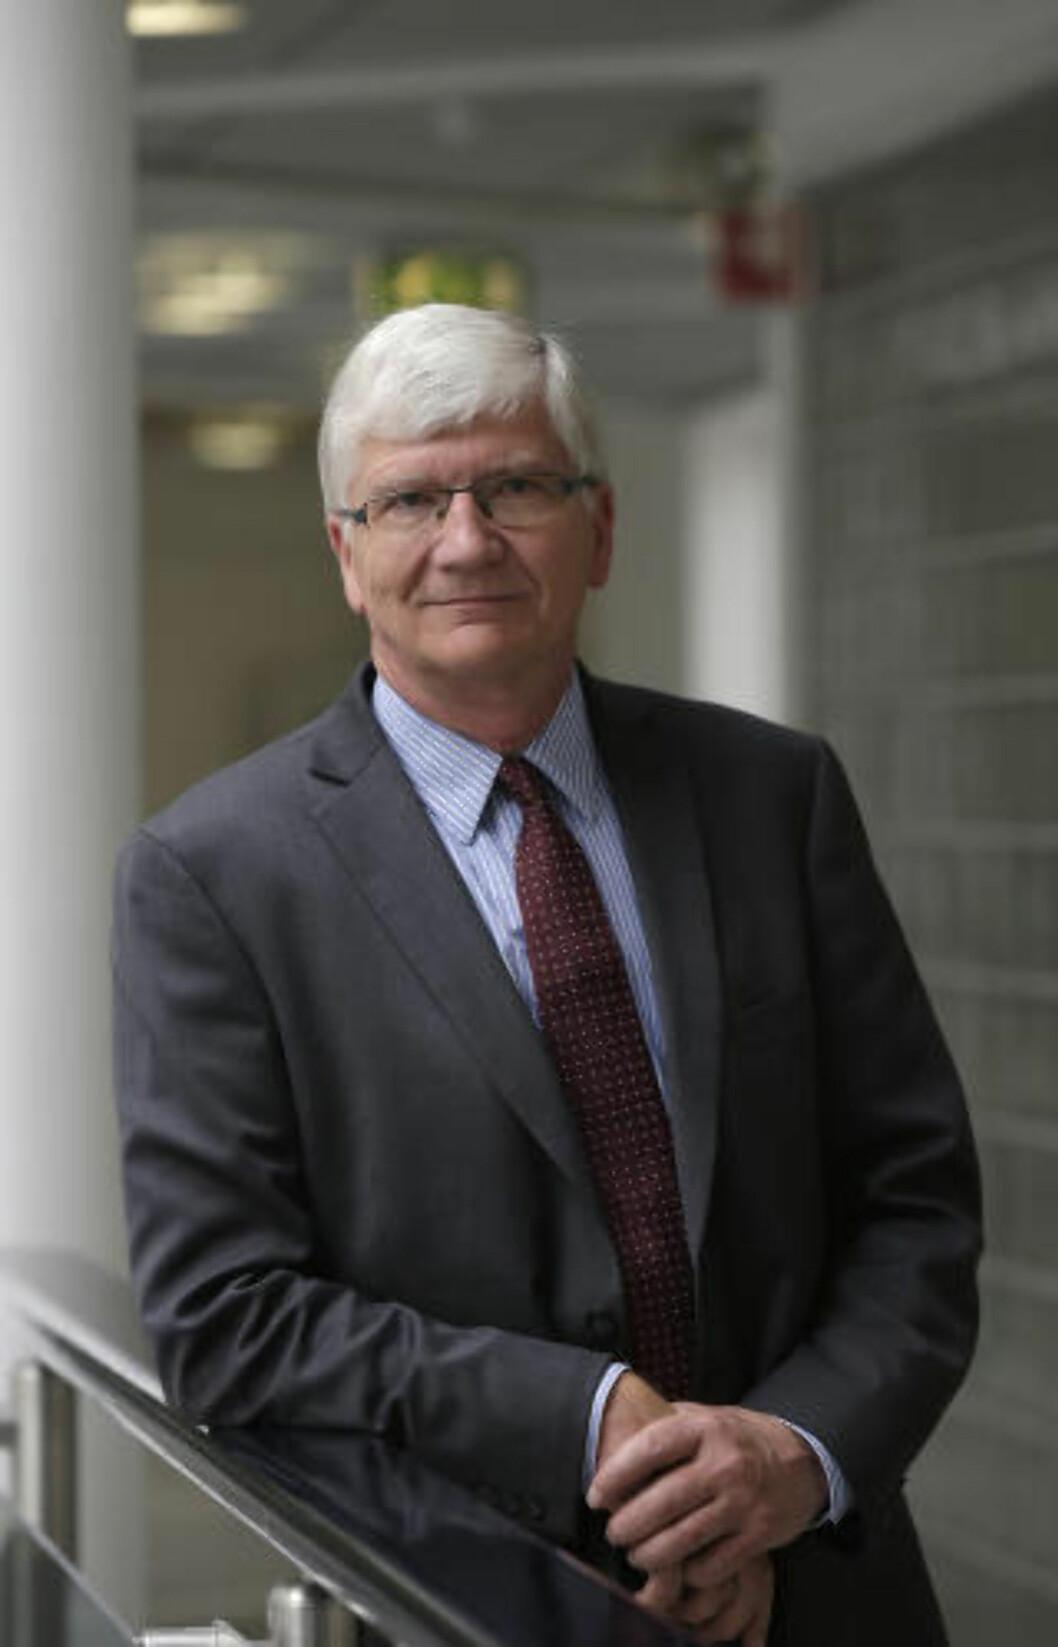 <strong>UROLIG:</strong> Steinar Juel er tidligere sjeføkonom i norgeskontoret til den svanke storbanken Nordea. Foto: Vidar Ruud / NTB scanpix